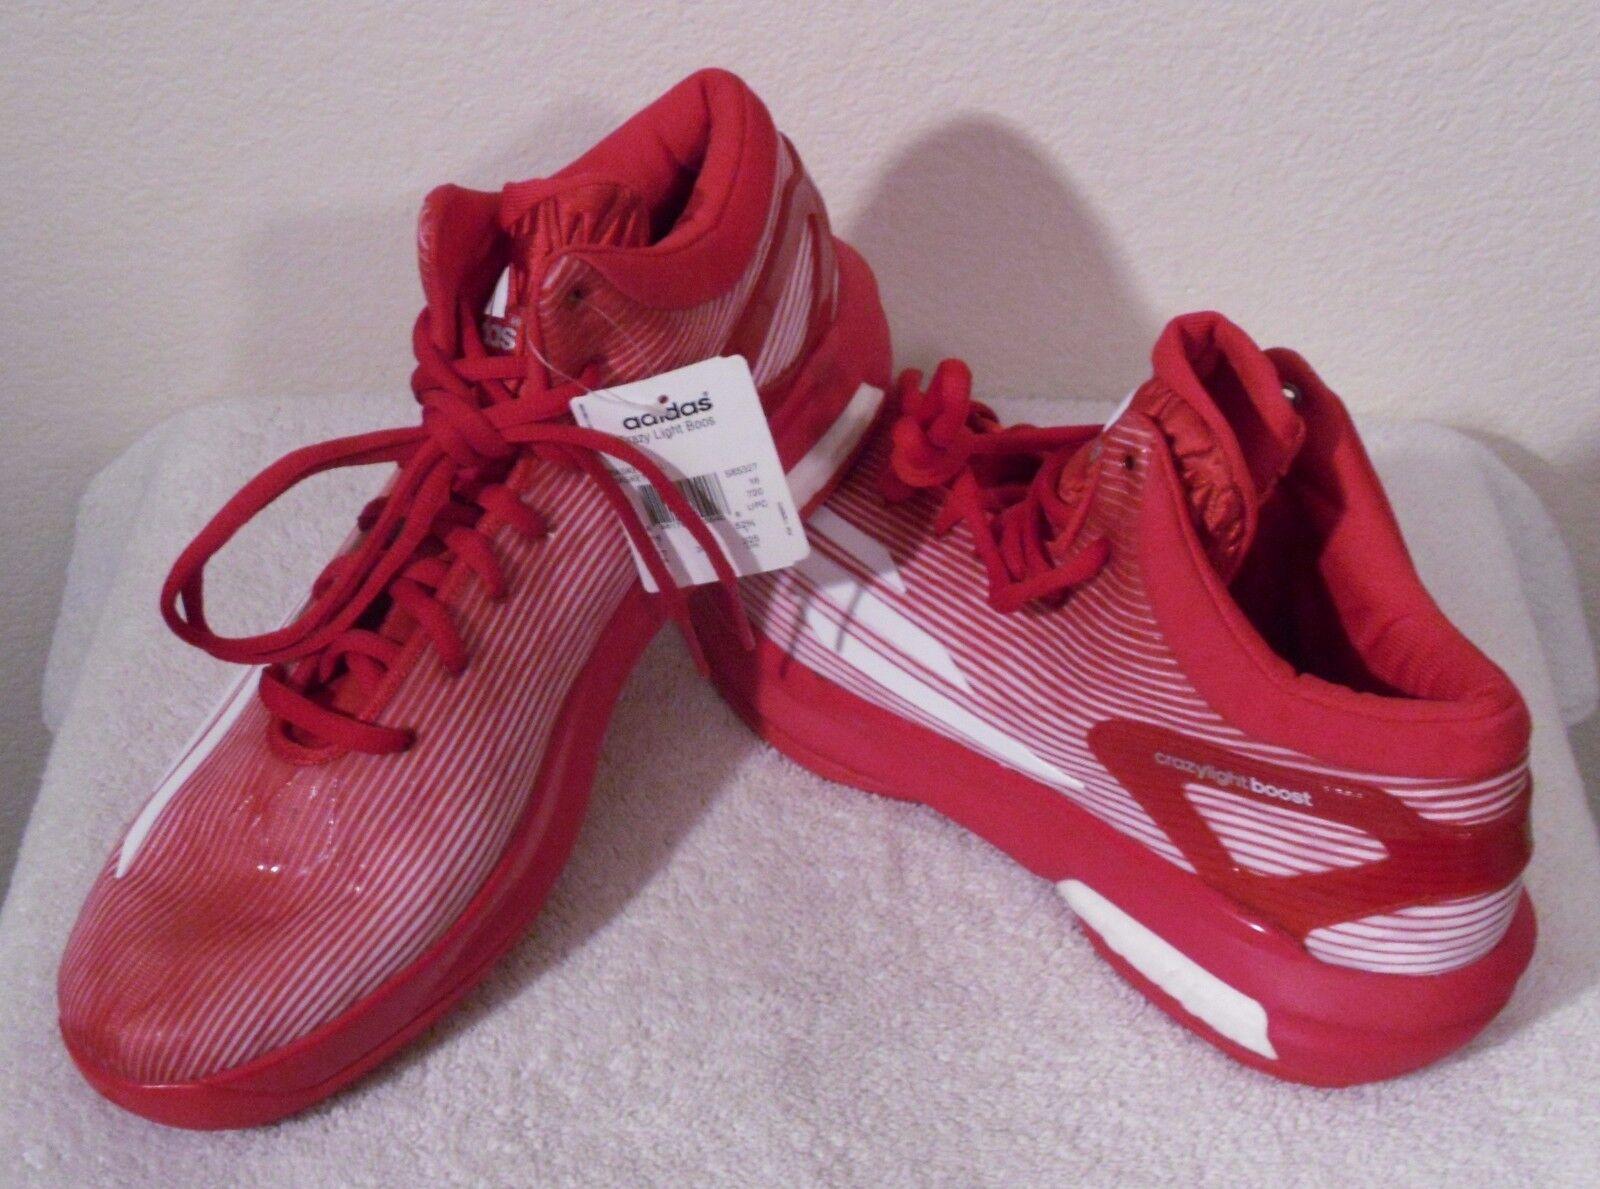 Nwt adidas sm strana luce impulso mens scarpe da basket 17 rosso   bianco msrp  140 | Una Grande Varietà Di Merci  | Uomo/Donne Scarpa